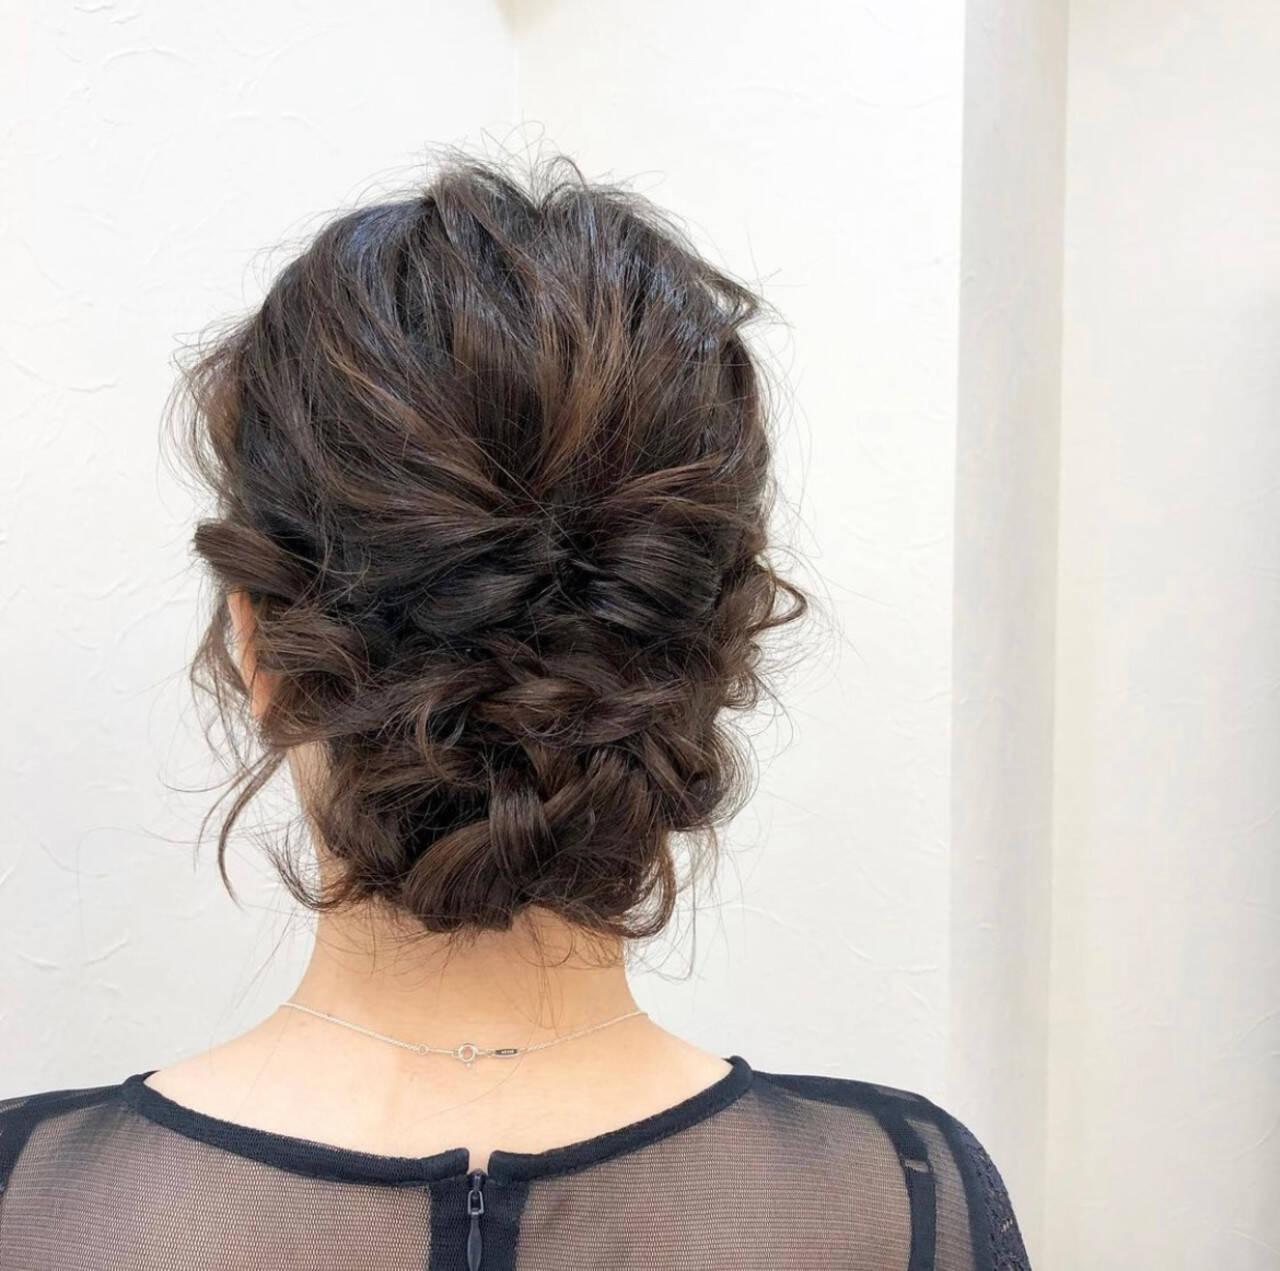 お呼ばれヘア 結婚式 結婚式アレンジ 結婚式ヘアアレンジヘアスタイルや髪型の写真・画像